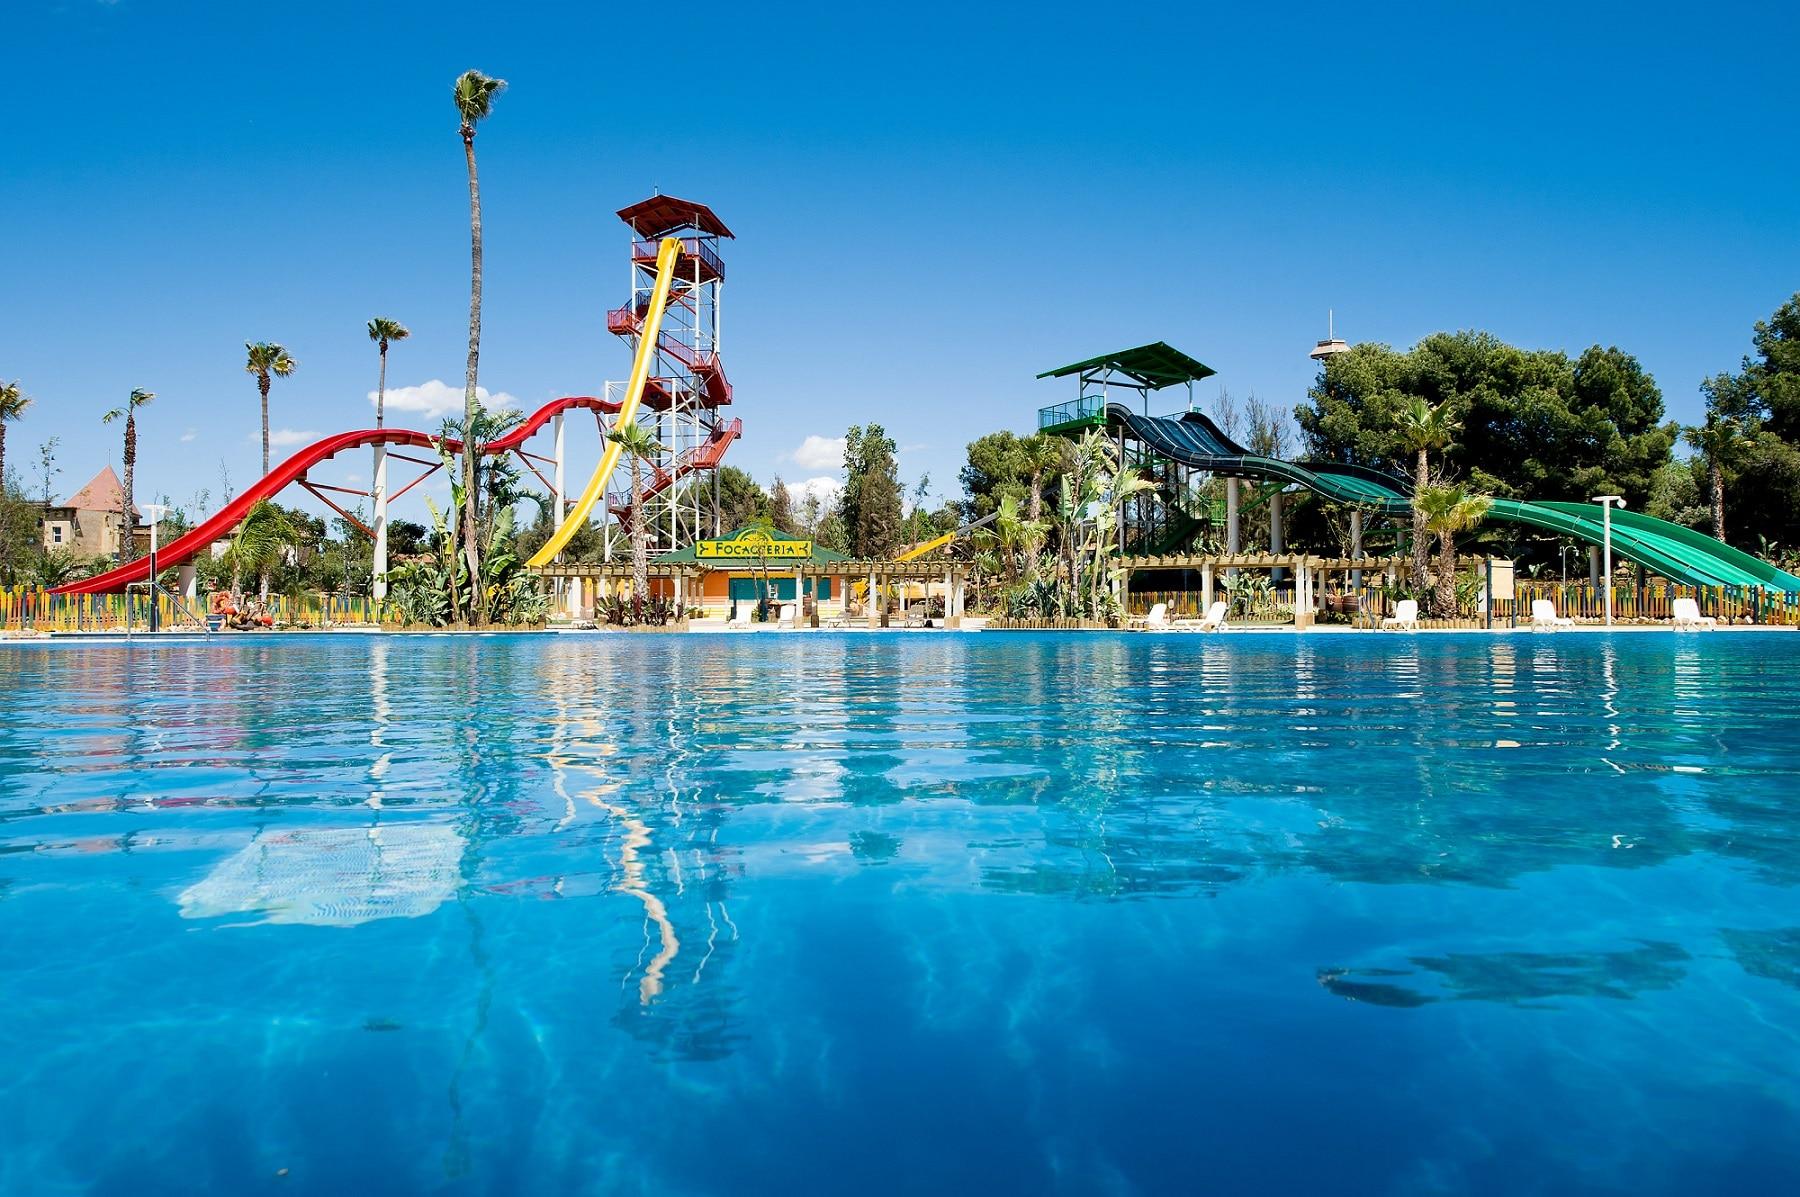 Caraibe Aqua Park din Costa Dorada, Spania